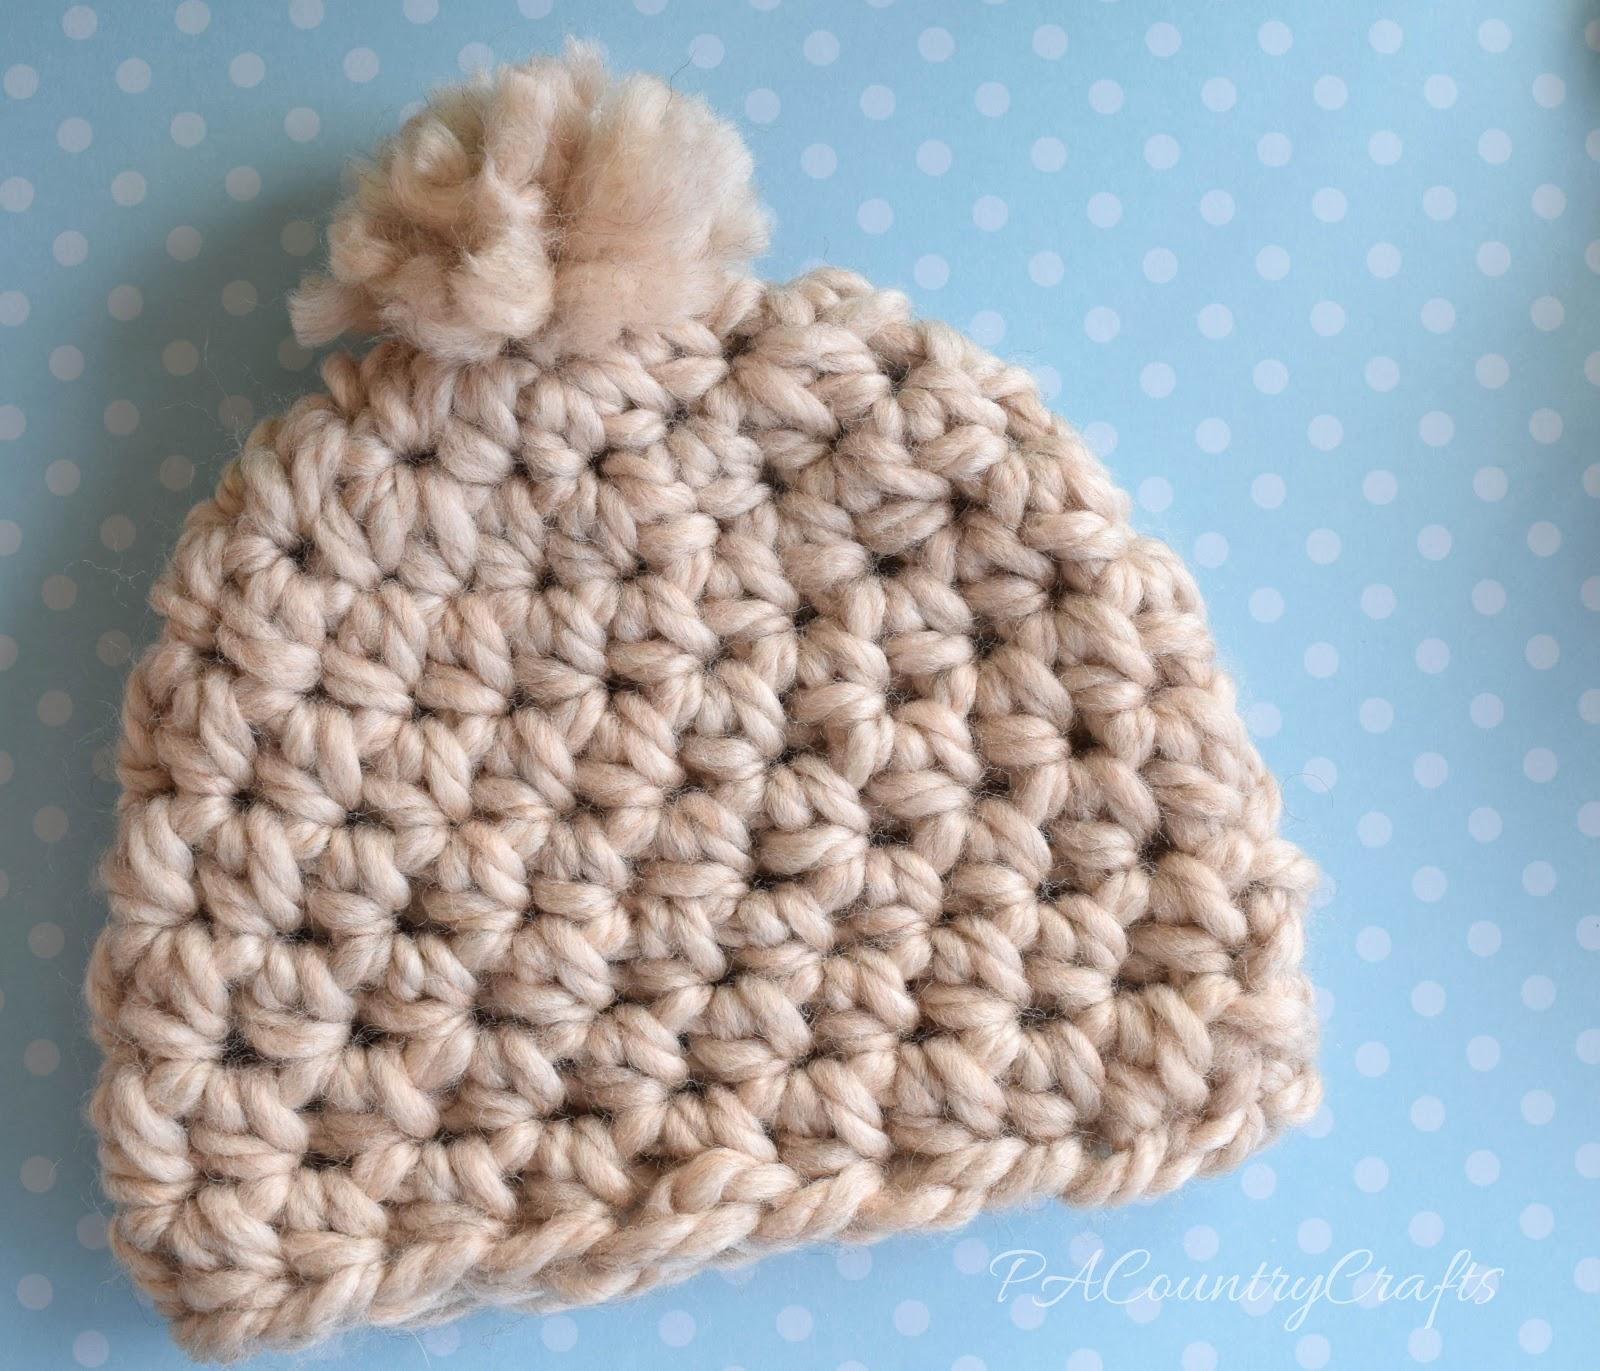 Free Crochet Chunky Newborn Hat Pattern : Chunky Newborn Beanie Pattern PA Country Crafts